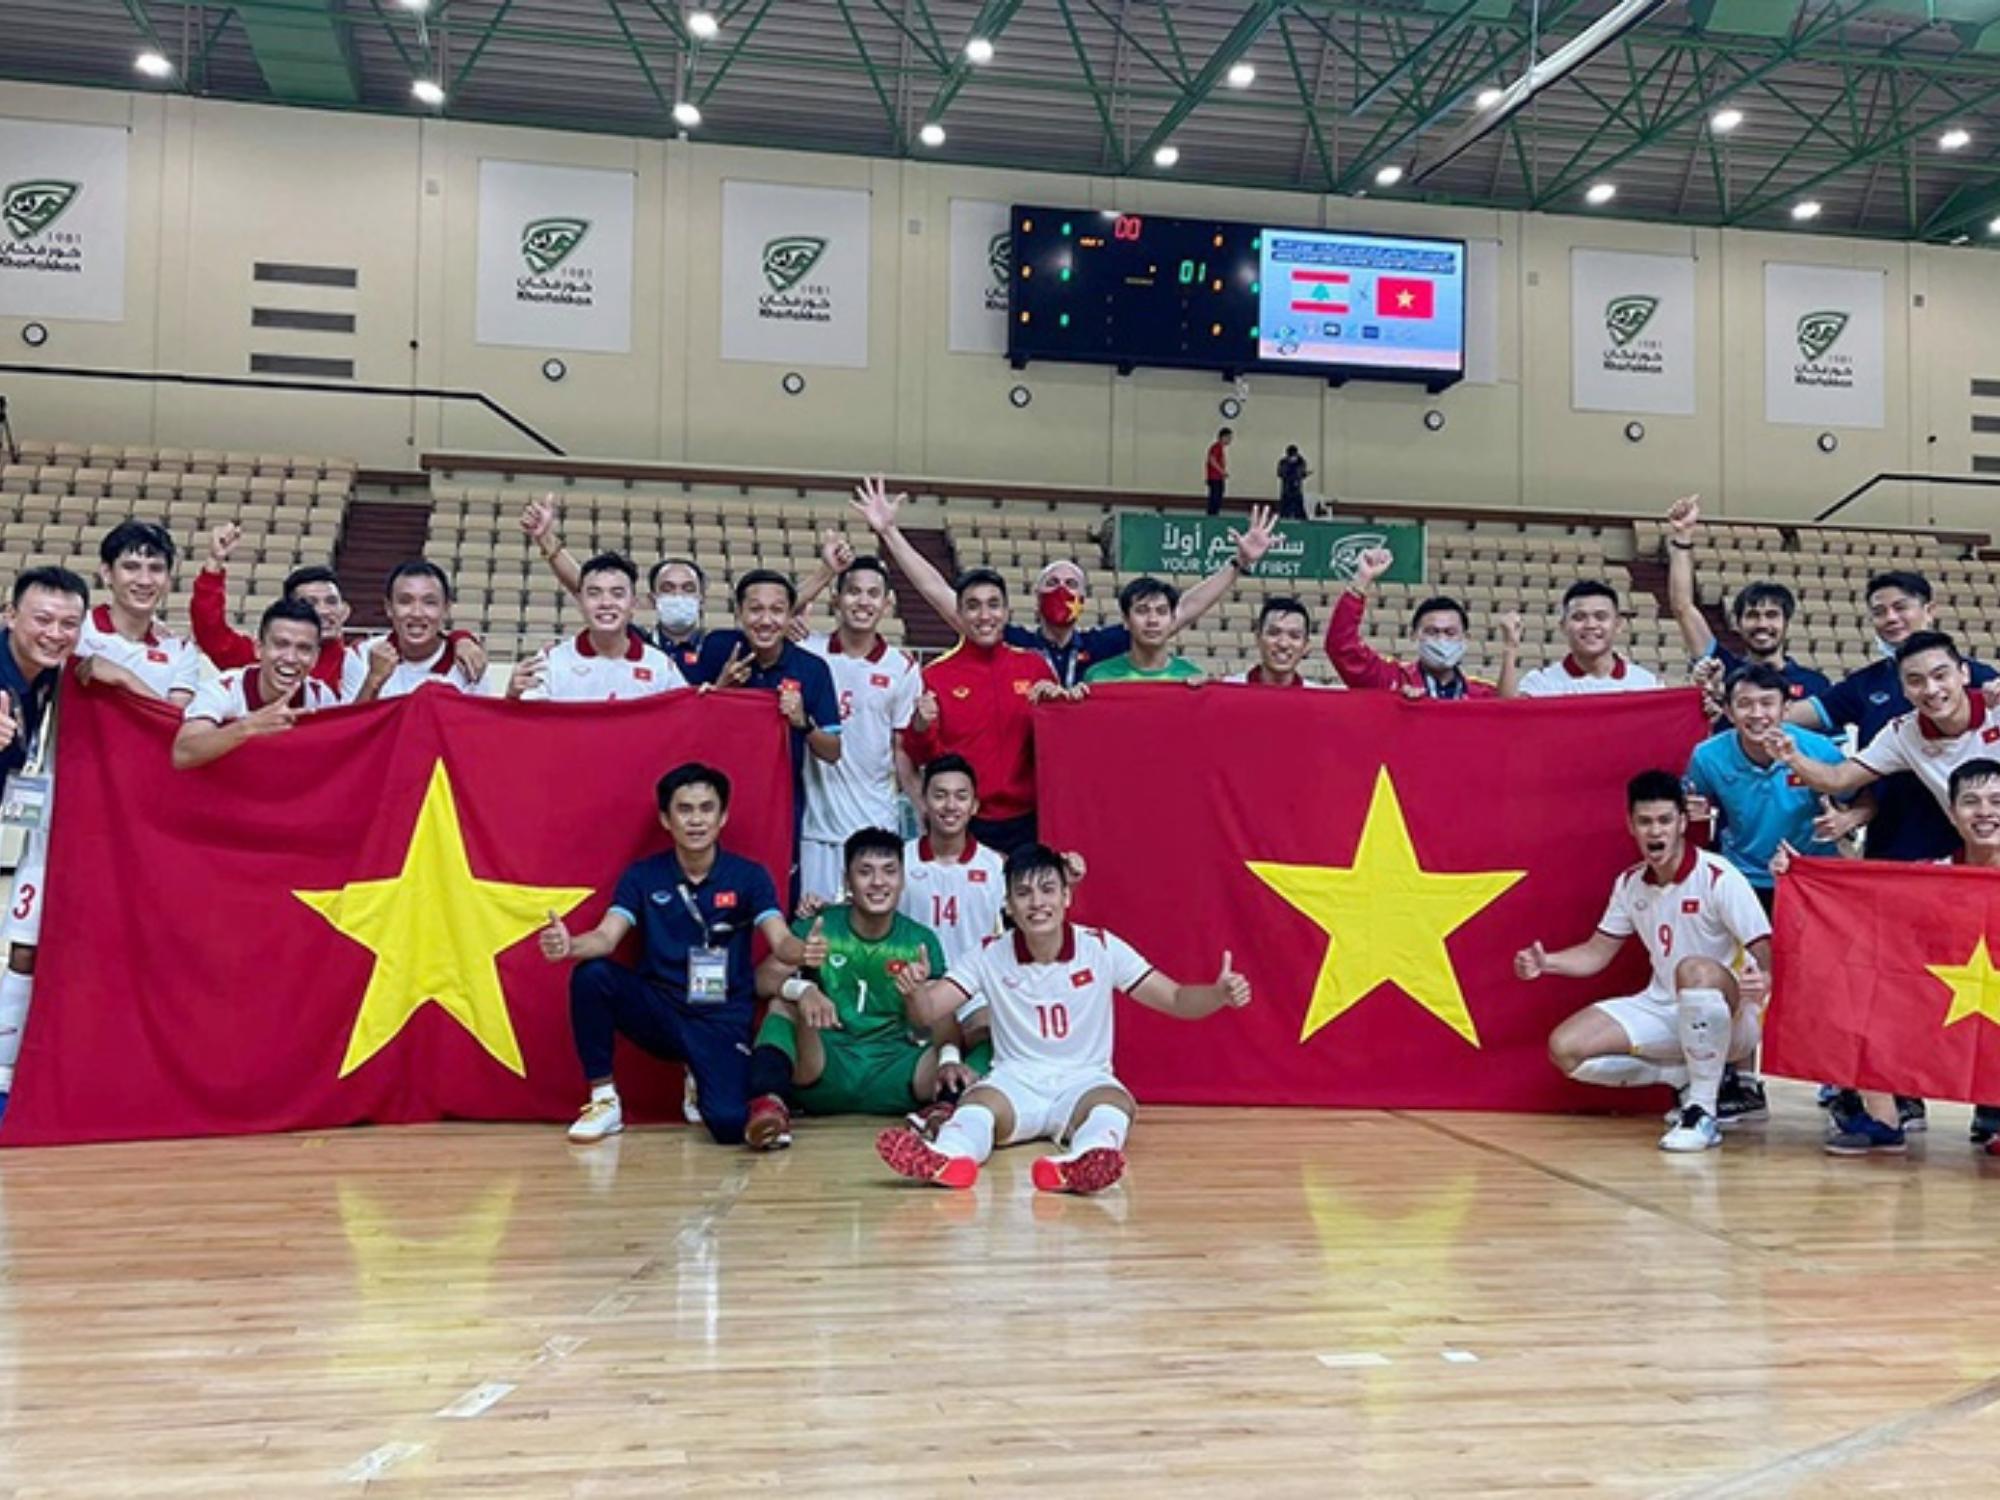 FIFA gửi thực đơn World Cup trước 4 tháng, Trưởng đoàn futsal Việt Nam 'choáng'